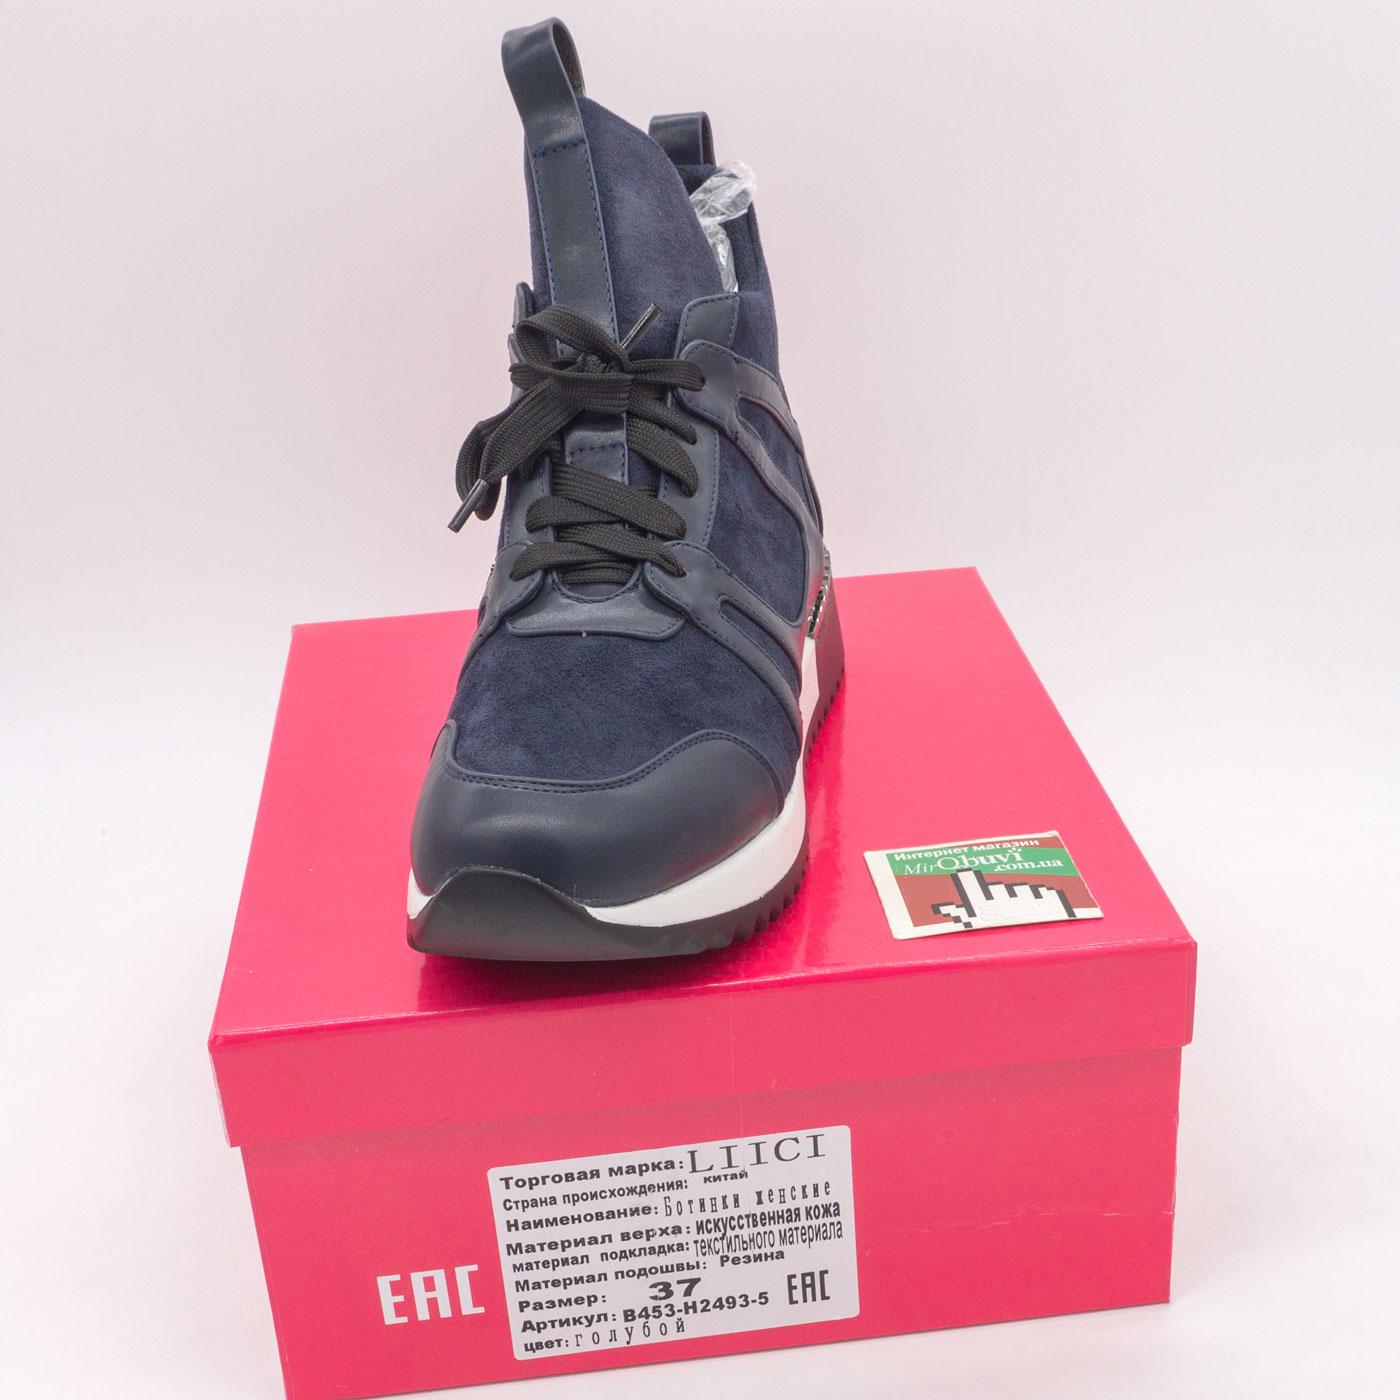 фото front Зимние высокие кроссовки LICCI B453-H2493-5 Синий front